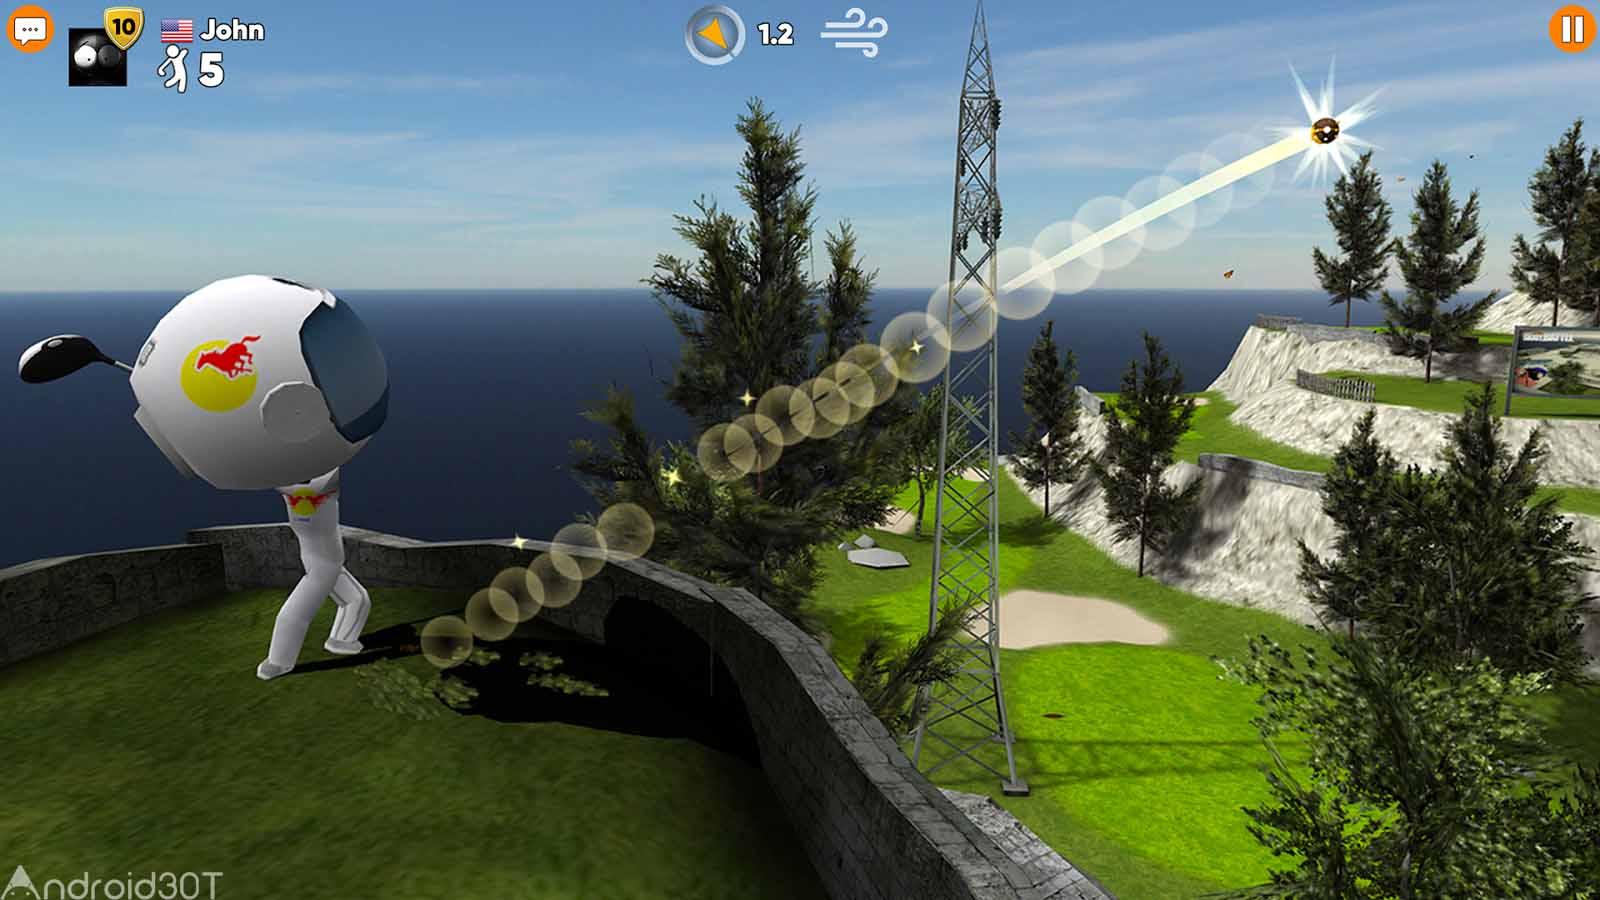 دانلود Stickman Cross Golf Battle 1.0.5 – بازی رقابت گلف استیکمن ها اندروید